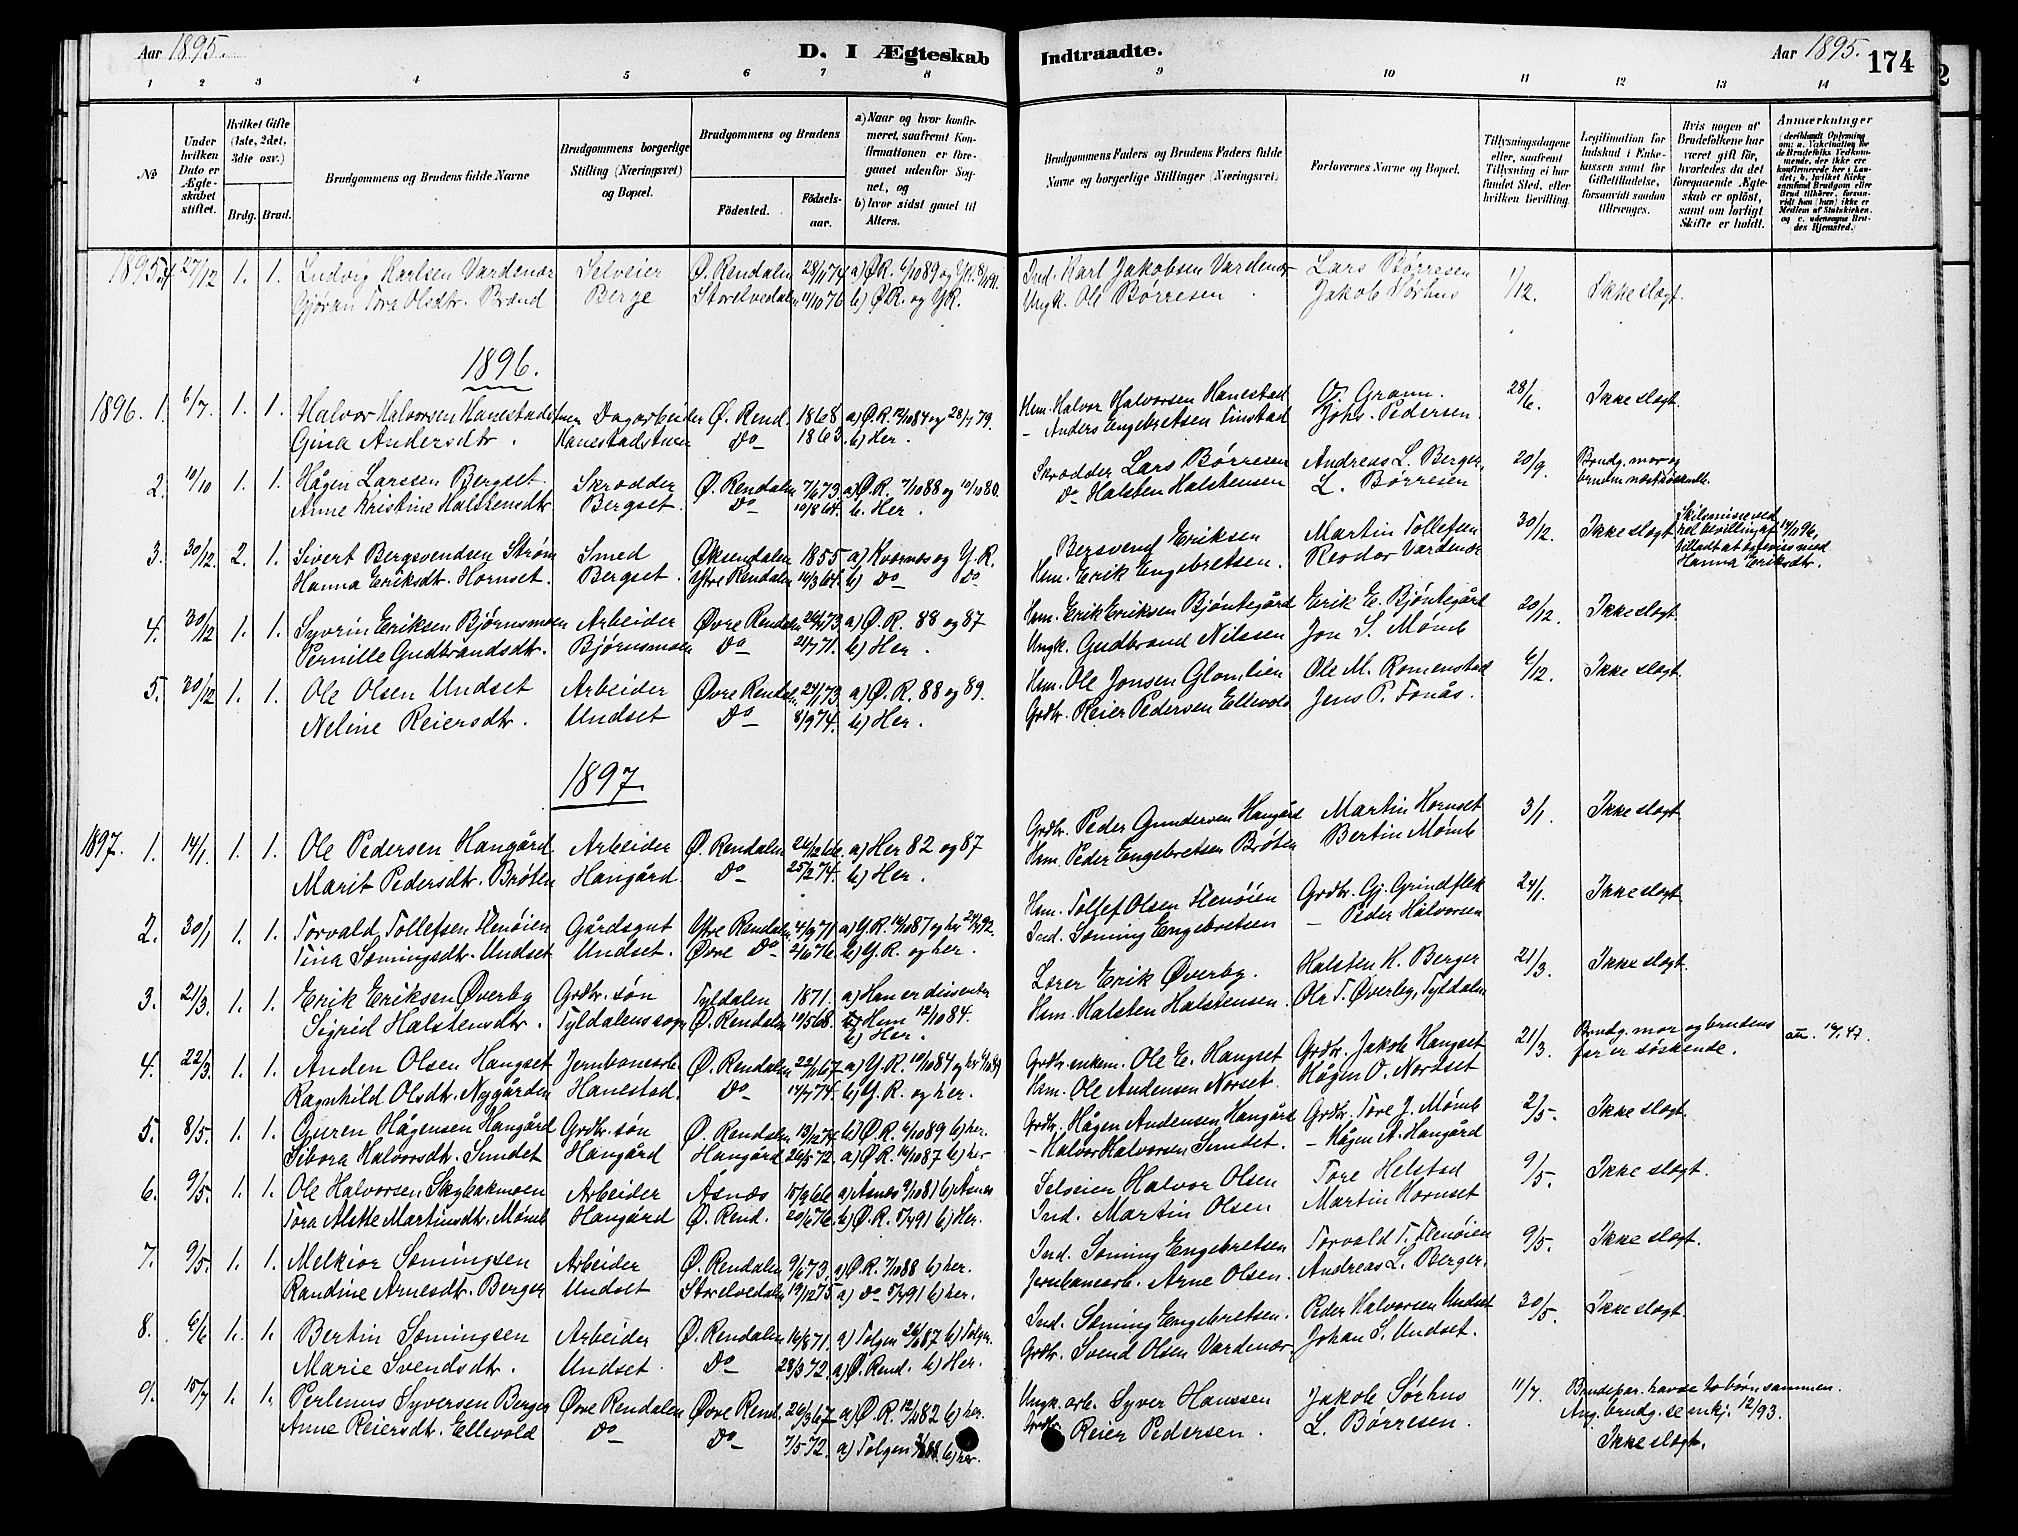 SAH, Rendalen prestekontor, H/Ha/Hab/L0003: Klokkerbok nr. 3, 1879-1904, s. 174